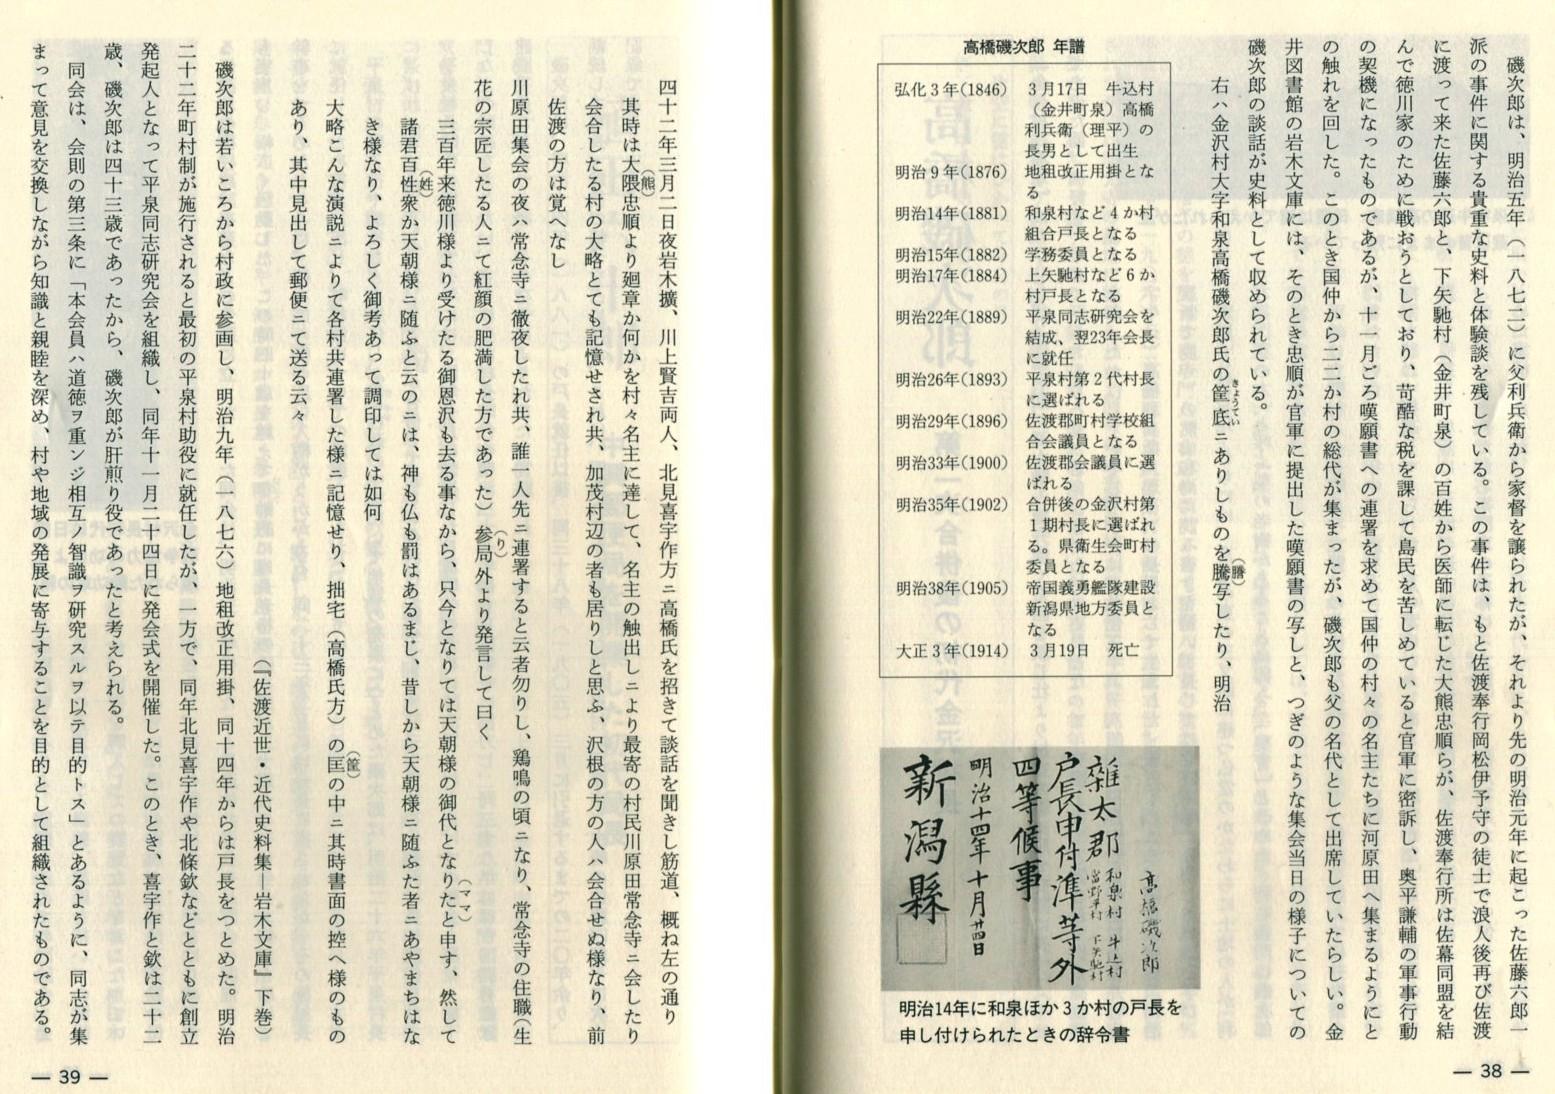 た高橋磯次郎 1 (2)